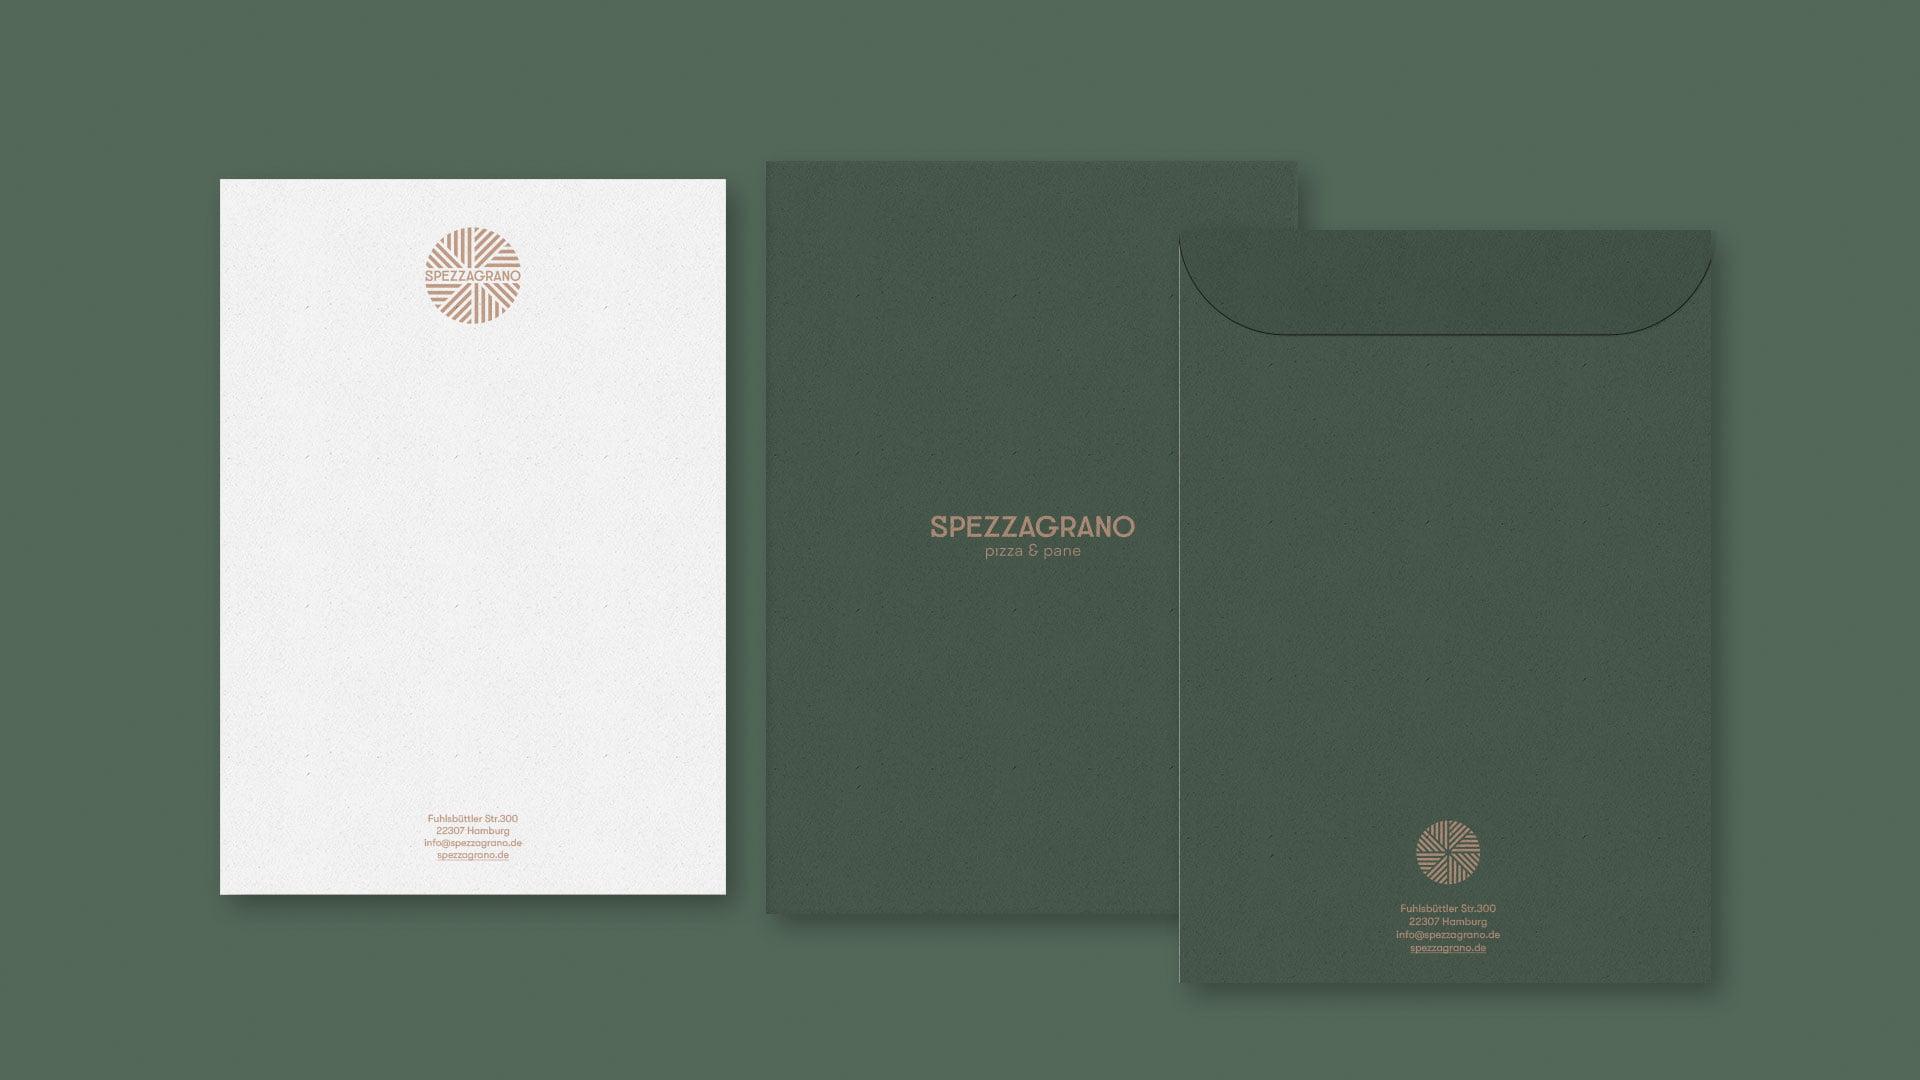 gra brand design spezzagrano 8